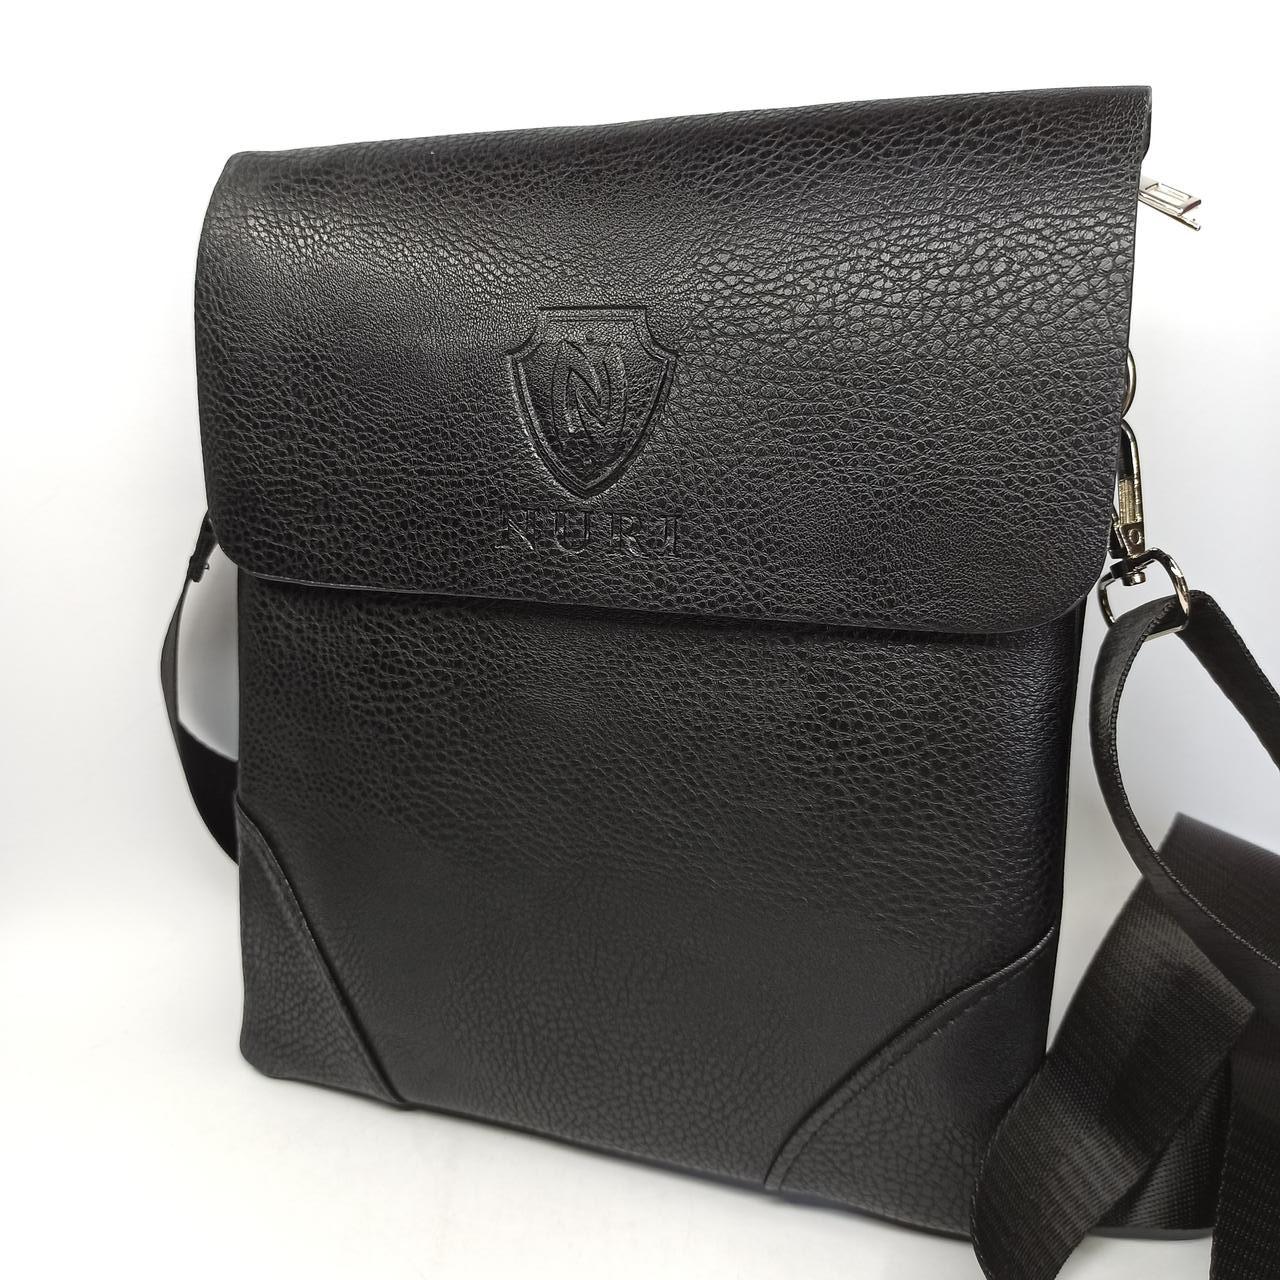 Шкіряна чоловіча сумка через плече / Мужская кожаная сумка через плечо PUB002